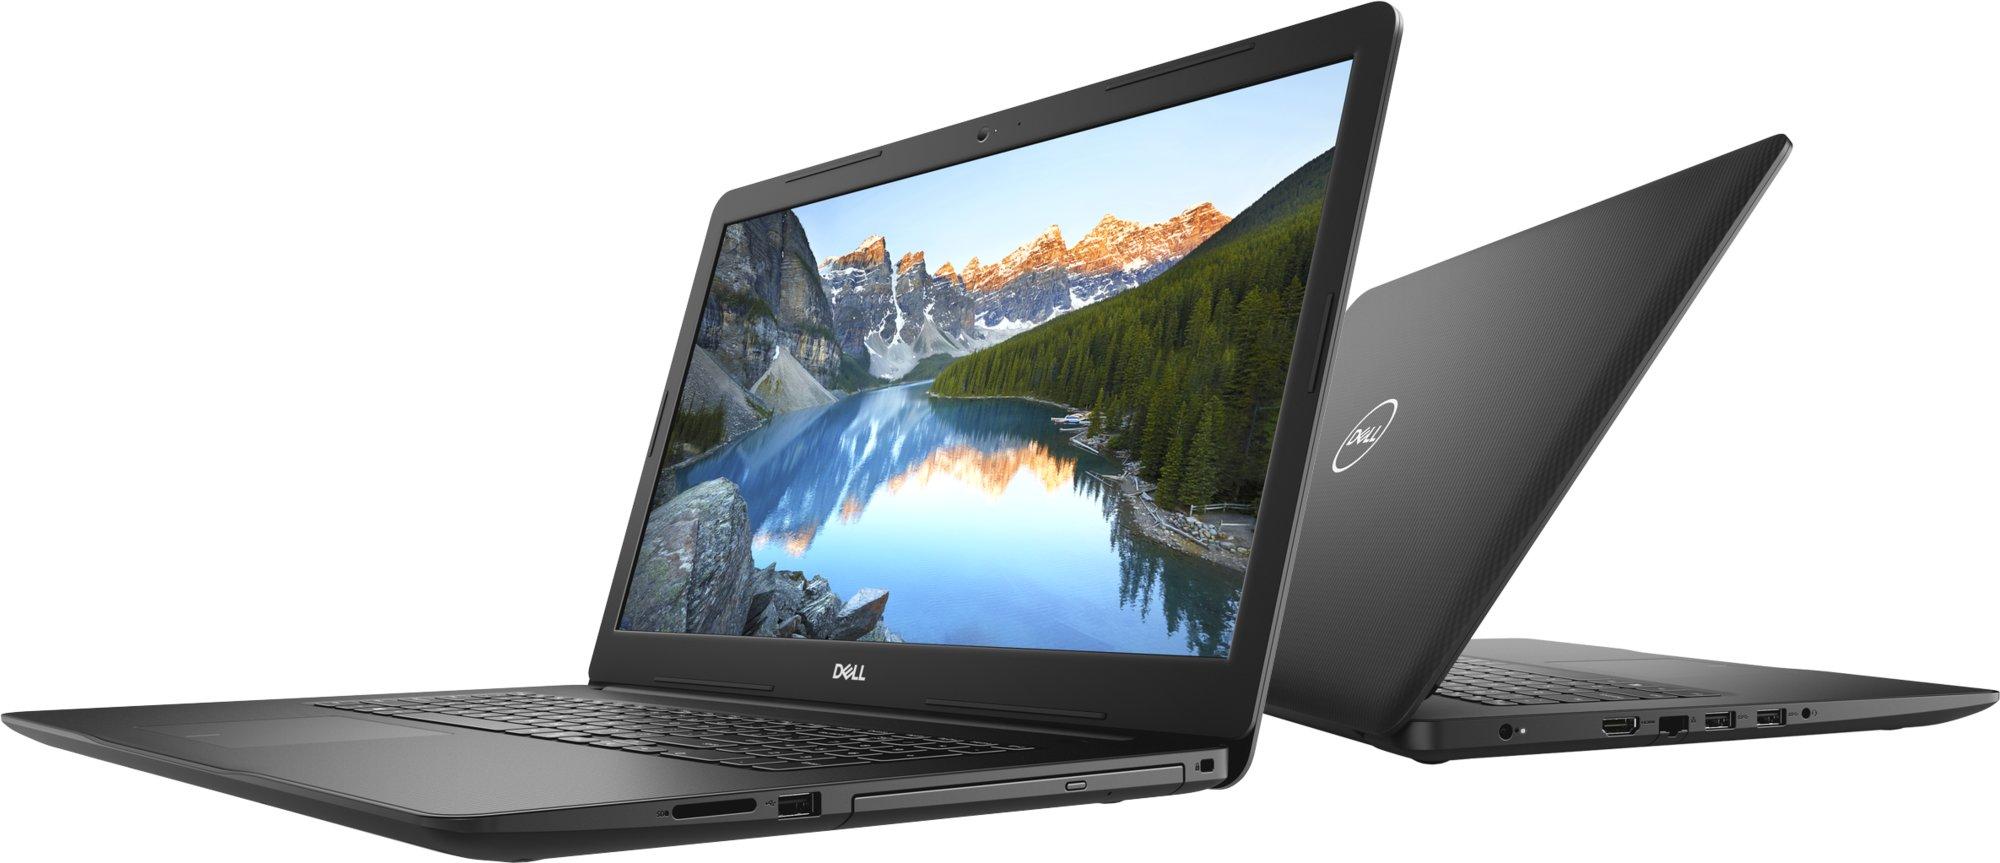 Revue de presse des tests publiés sur le Web (Dell Inspiron 17 3780)